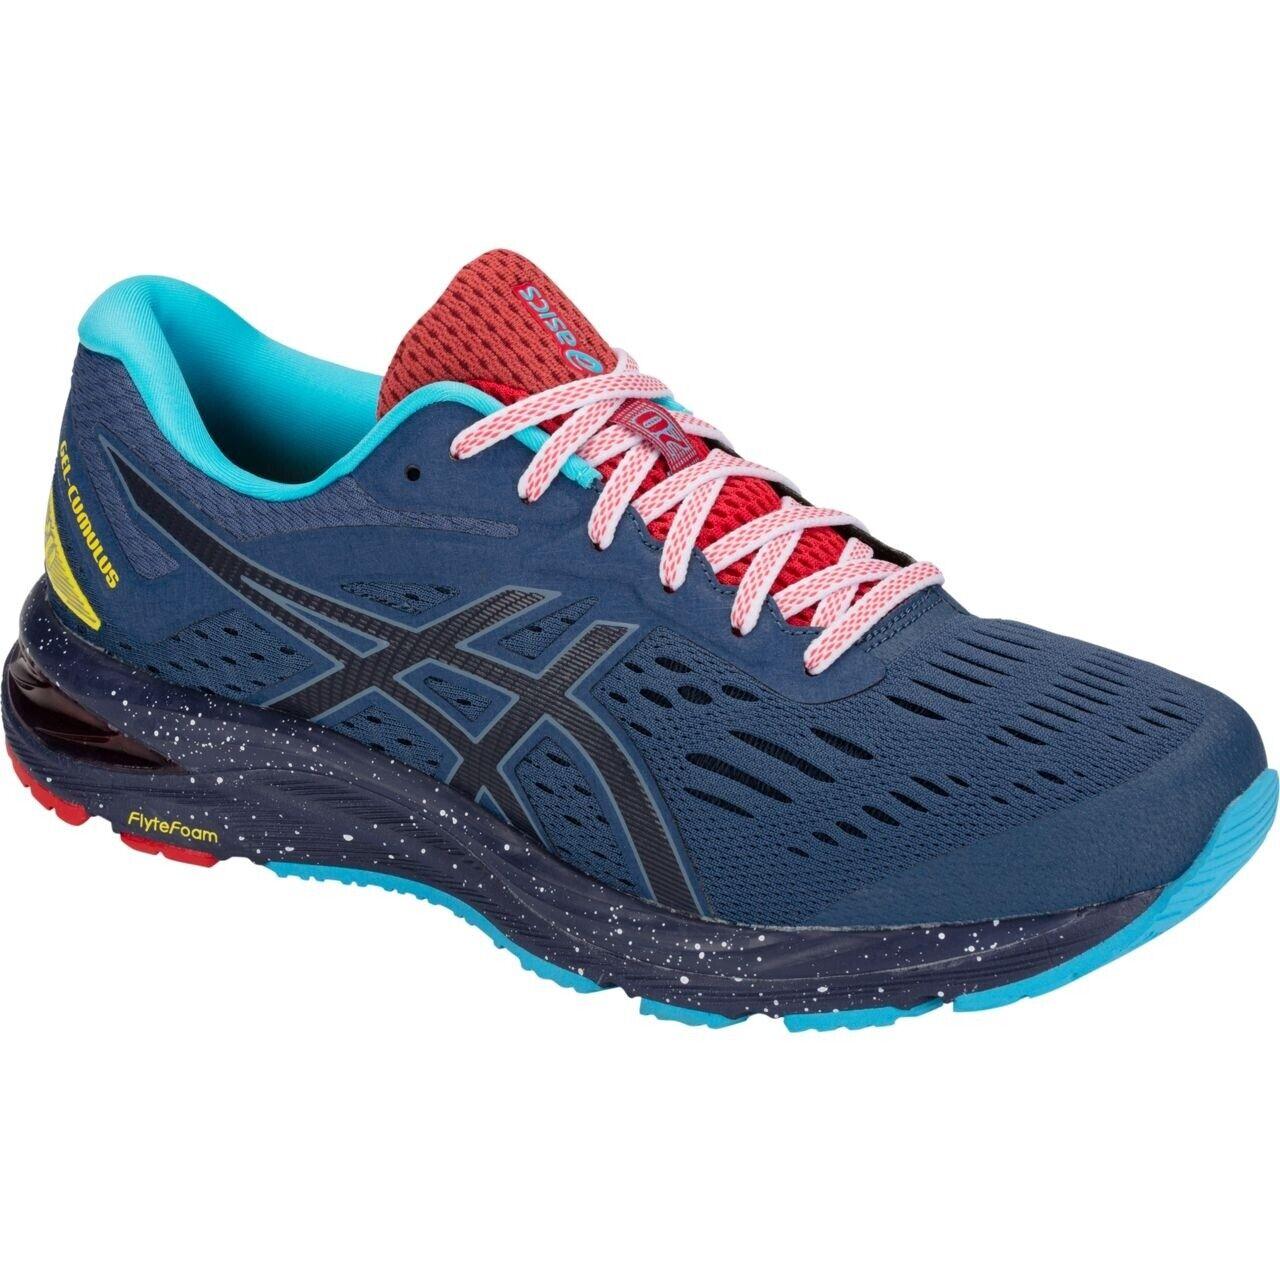 ASICS Gel-Cumulus 20 Marathon shoes - Men's Running - bluee - 1011A239.400